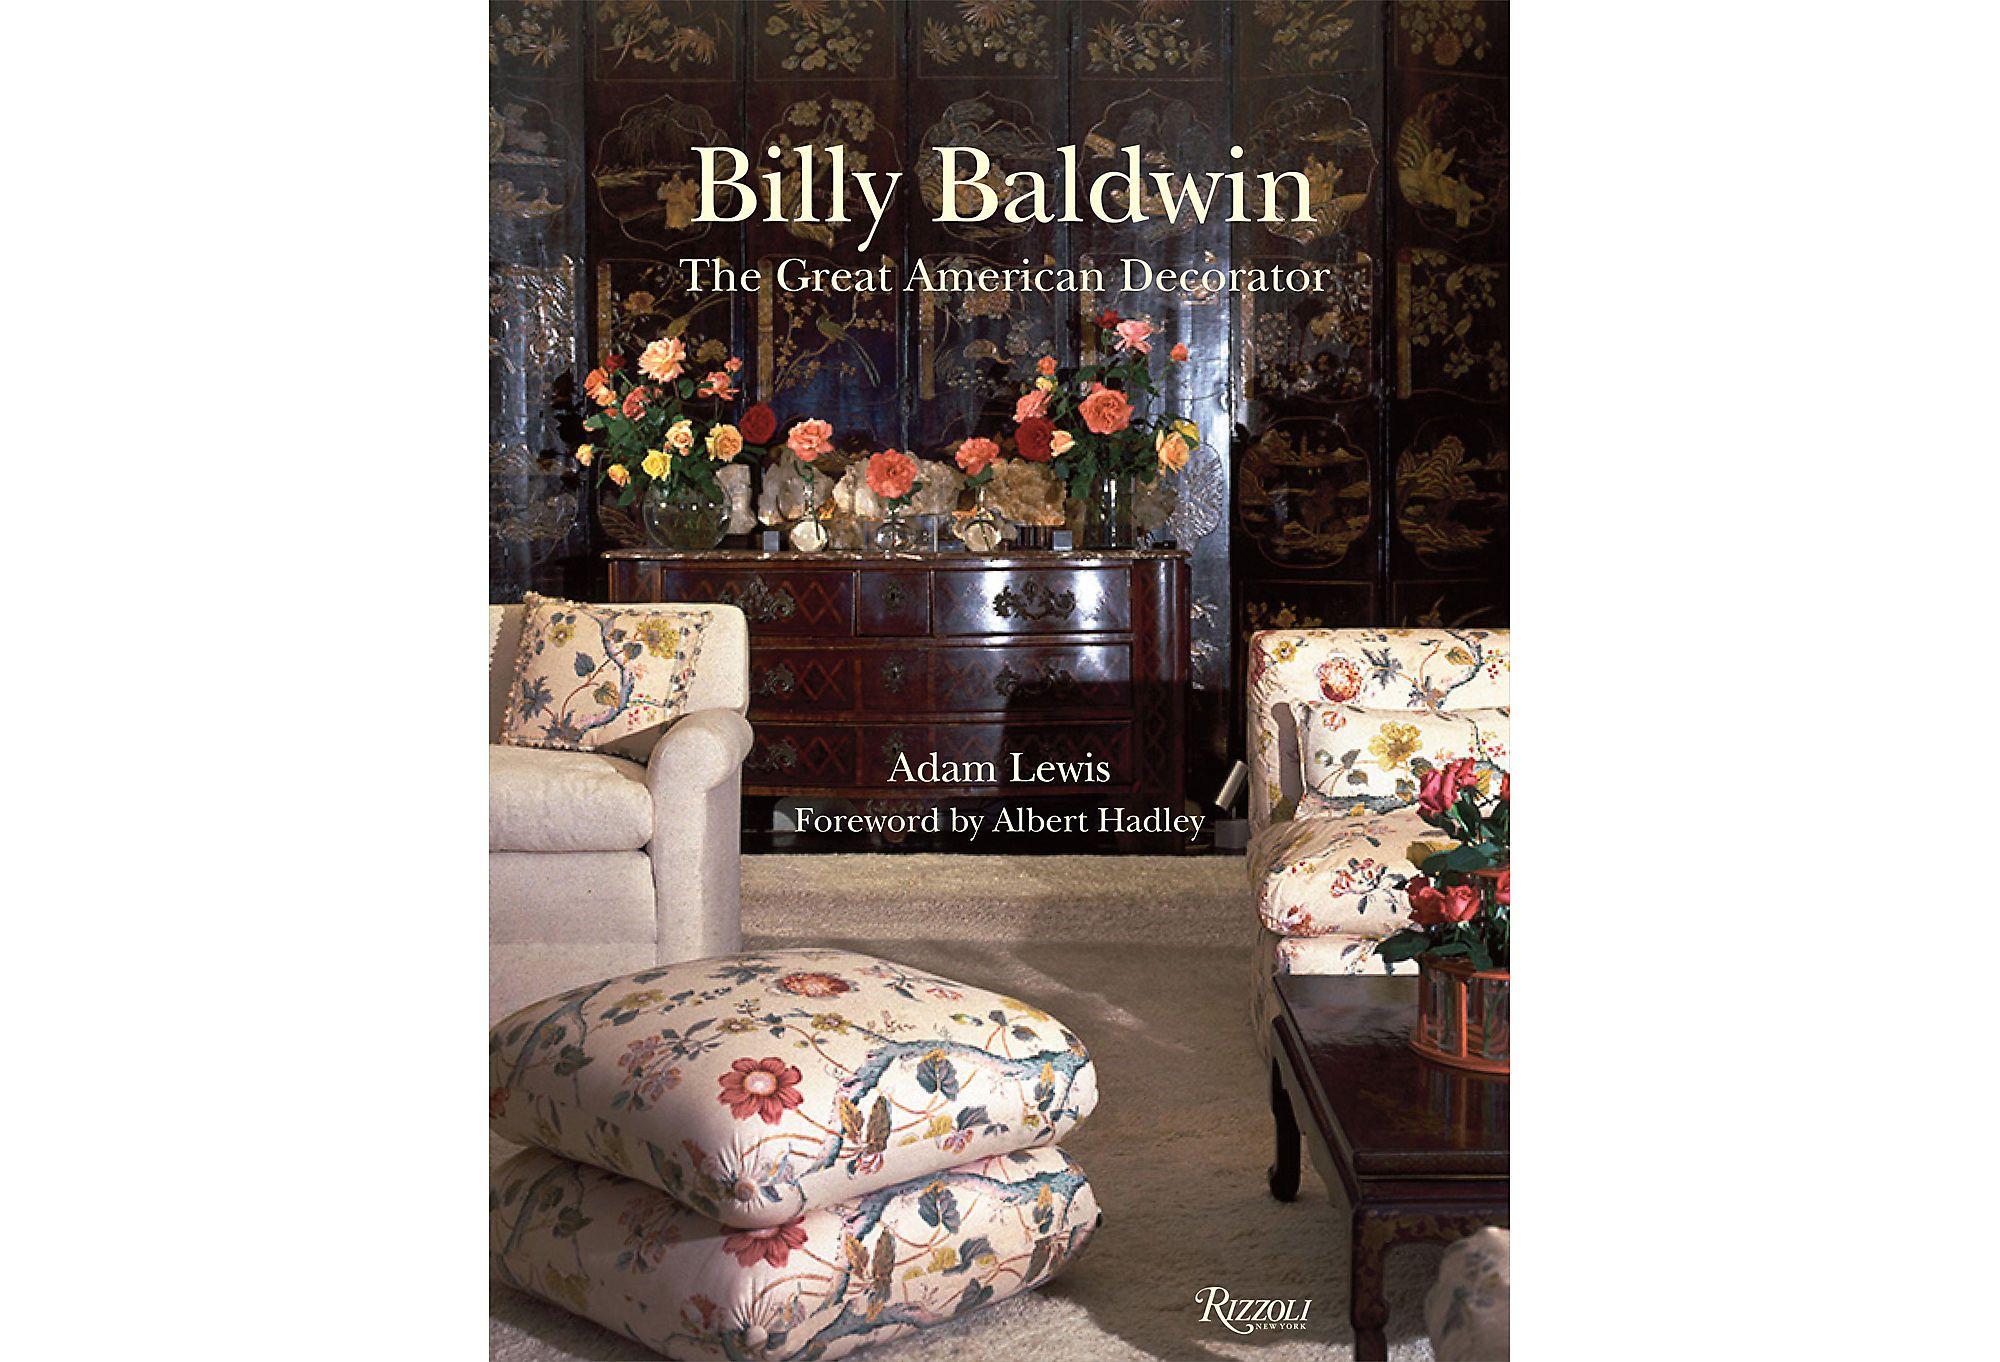 Billy baldwin interior design books adam lewis